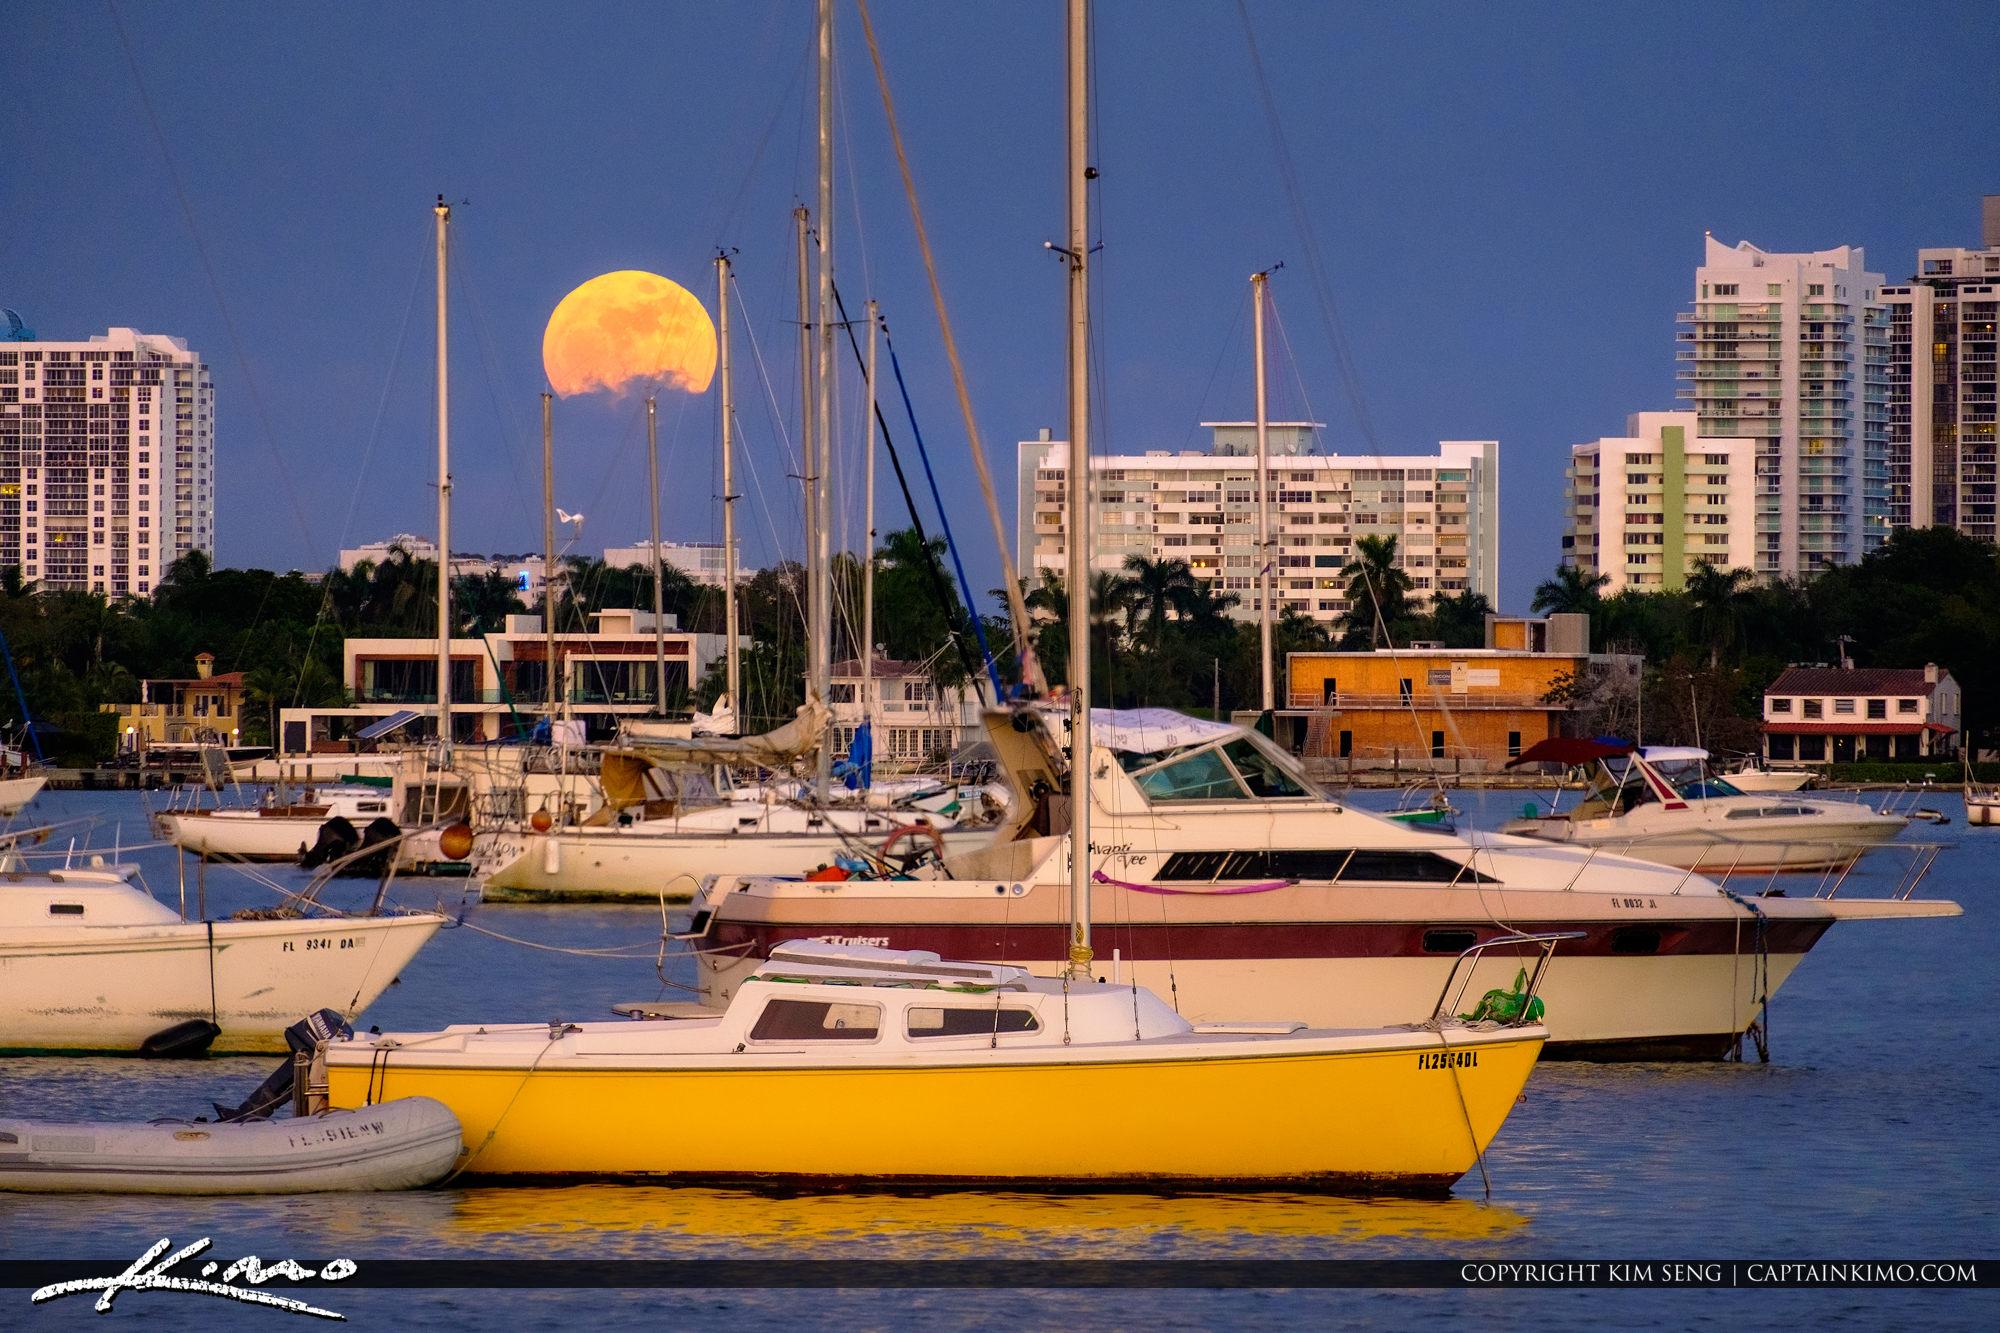 Moon Rise at Miami Florida Sailboats Star Island Watson Island